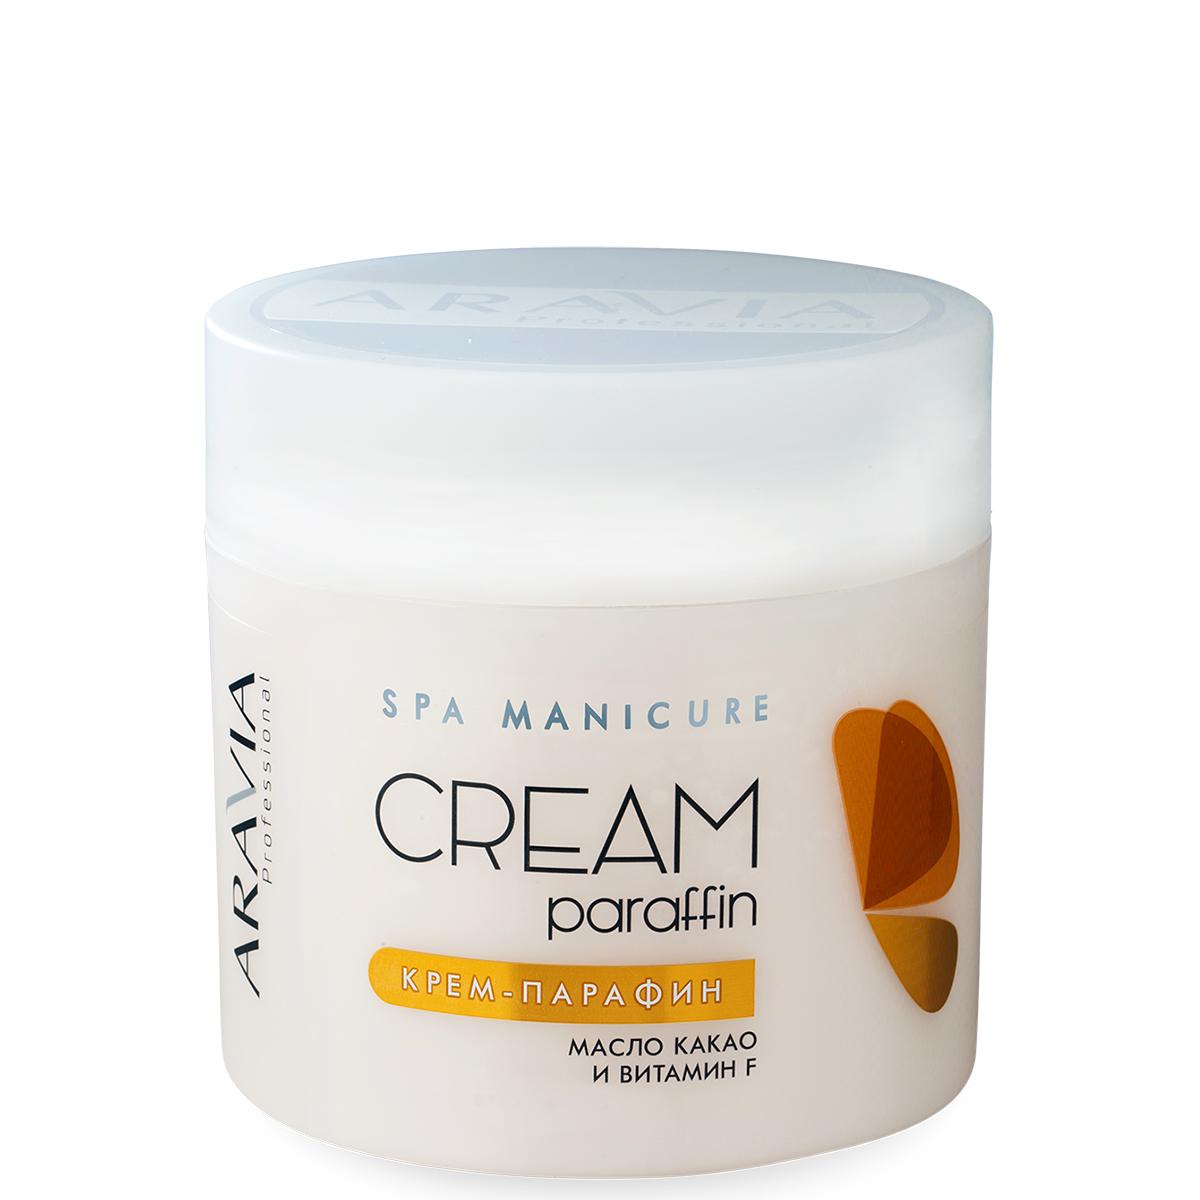 Купить Парафин Aravia, Крем парафин Aravia Professional Creamy Сhocolate c маслом какао и витамином F 300 мл